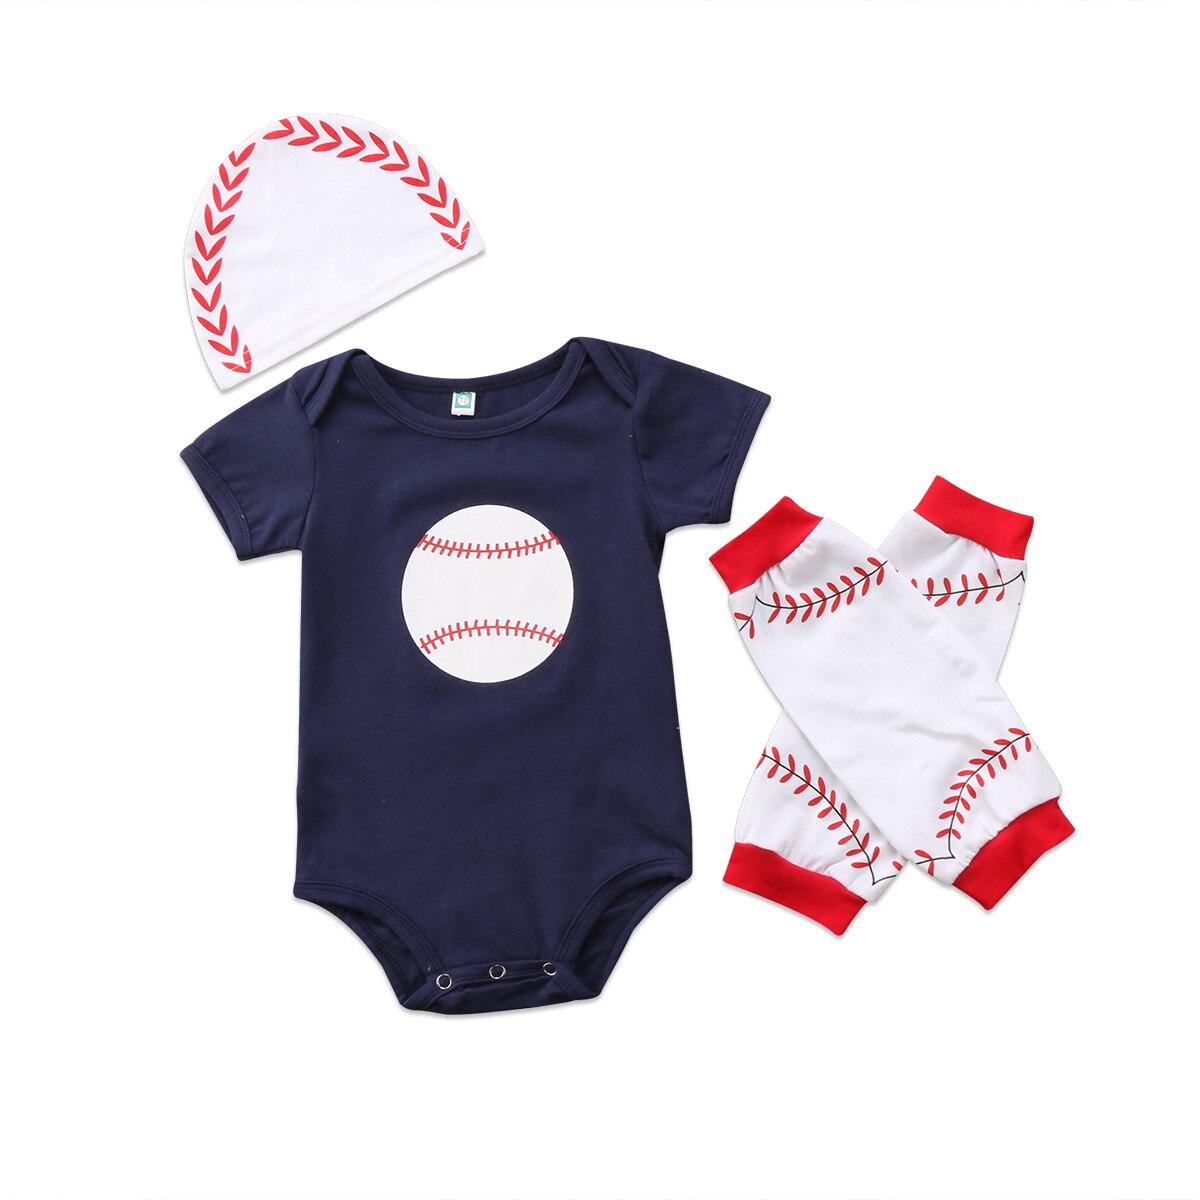 Genereus Pasgeboren Baby Jongens Meisjes Korte Mouw Tops Romper Beenwarmers Hoeden Outfits Baseball Babykleertjes En Om Een Lang Leven Te Hebben.